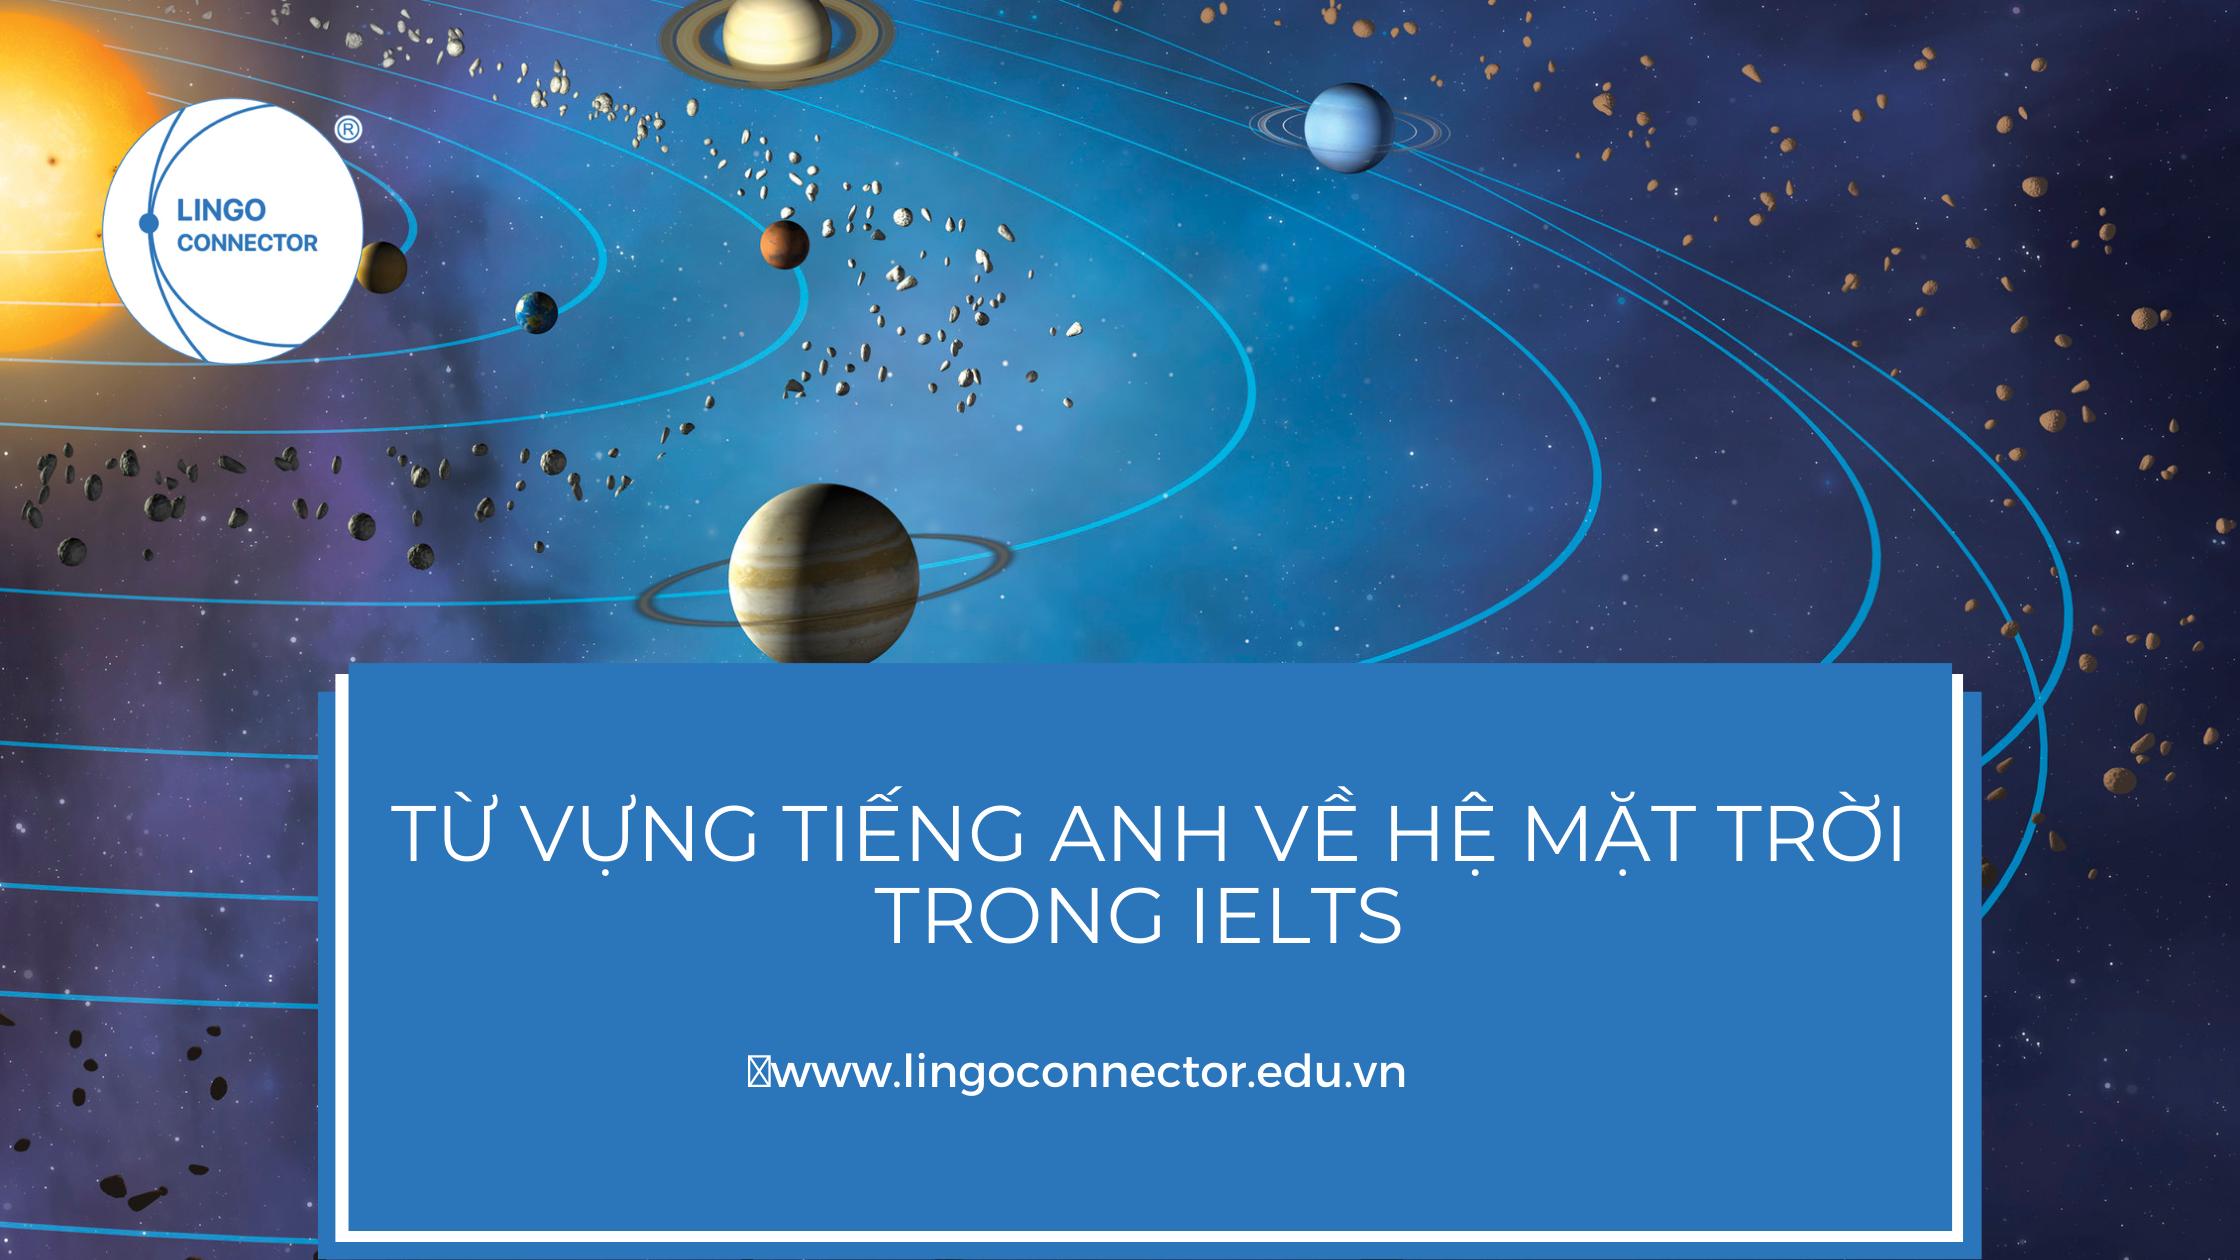 Từ vựng Tiếng Anh về hệ mặt trời trong IELTS